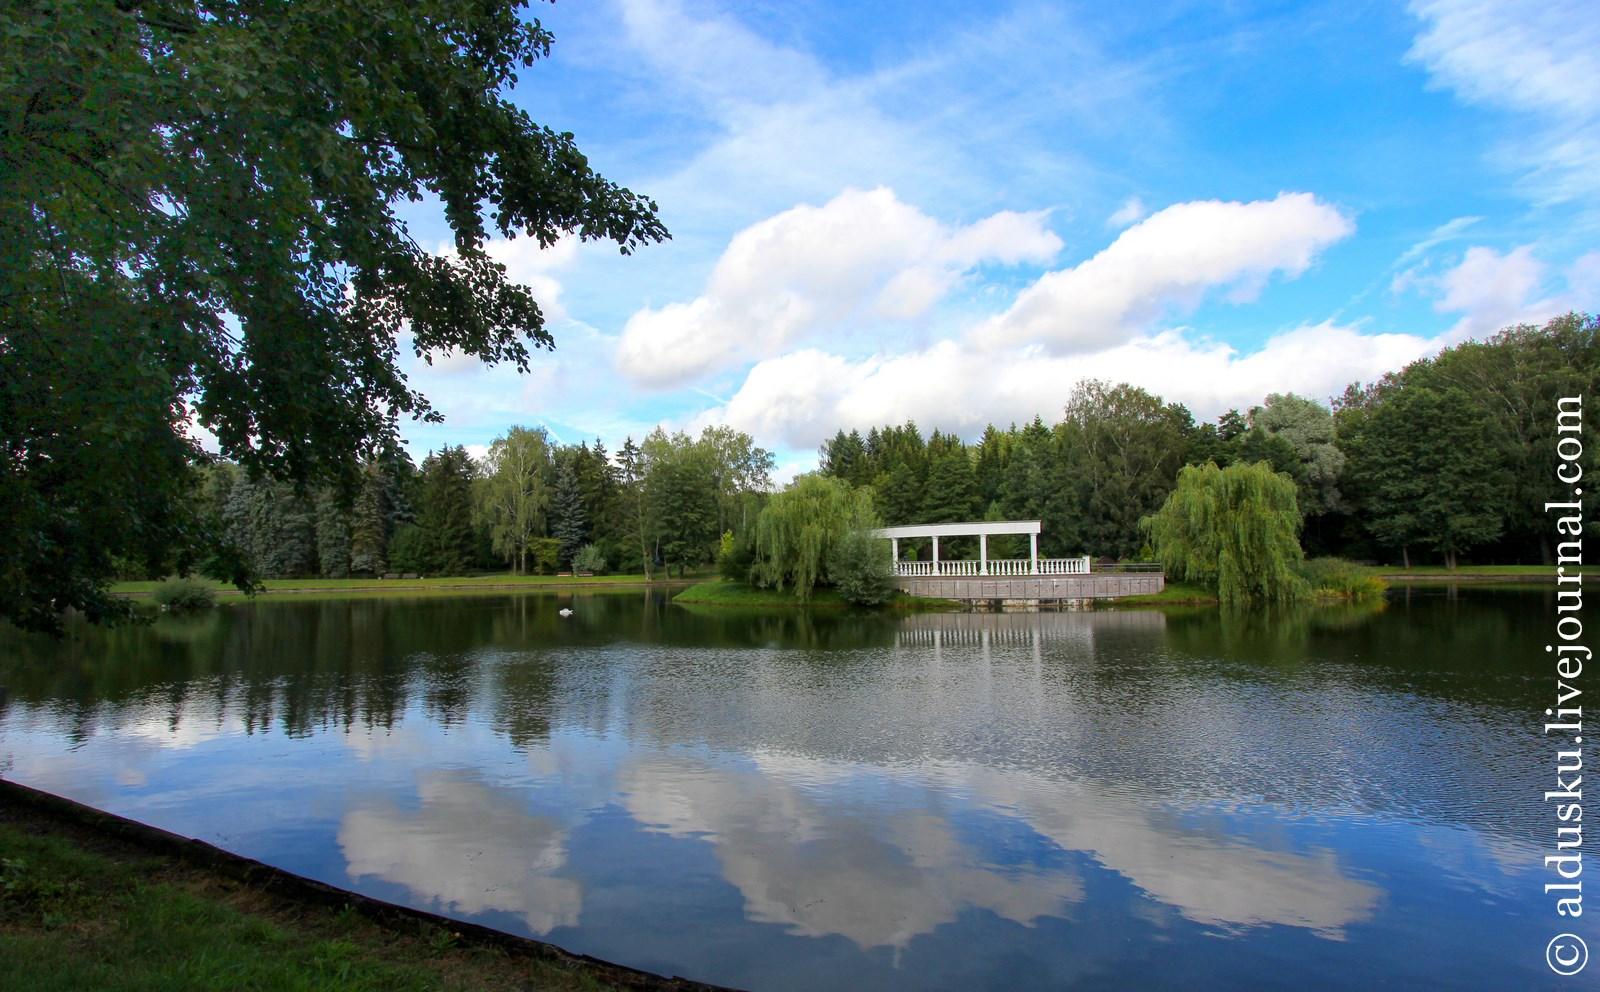 Лебединое озеро с островком. Площадь водного зеркала 2,3 га. Глубина до 5 м.